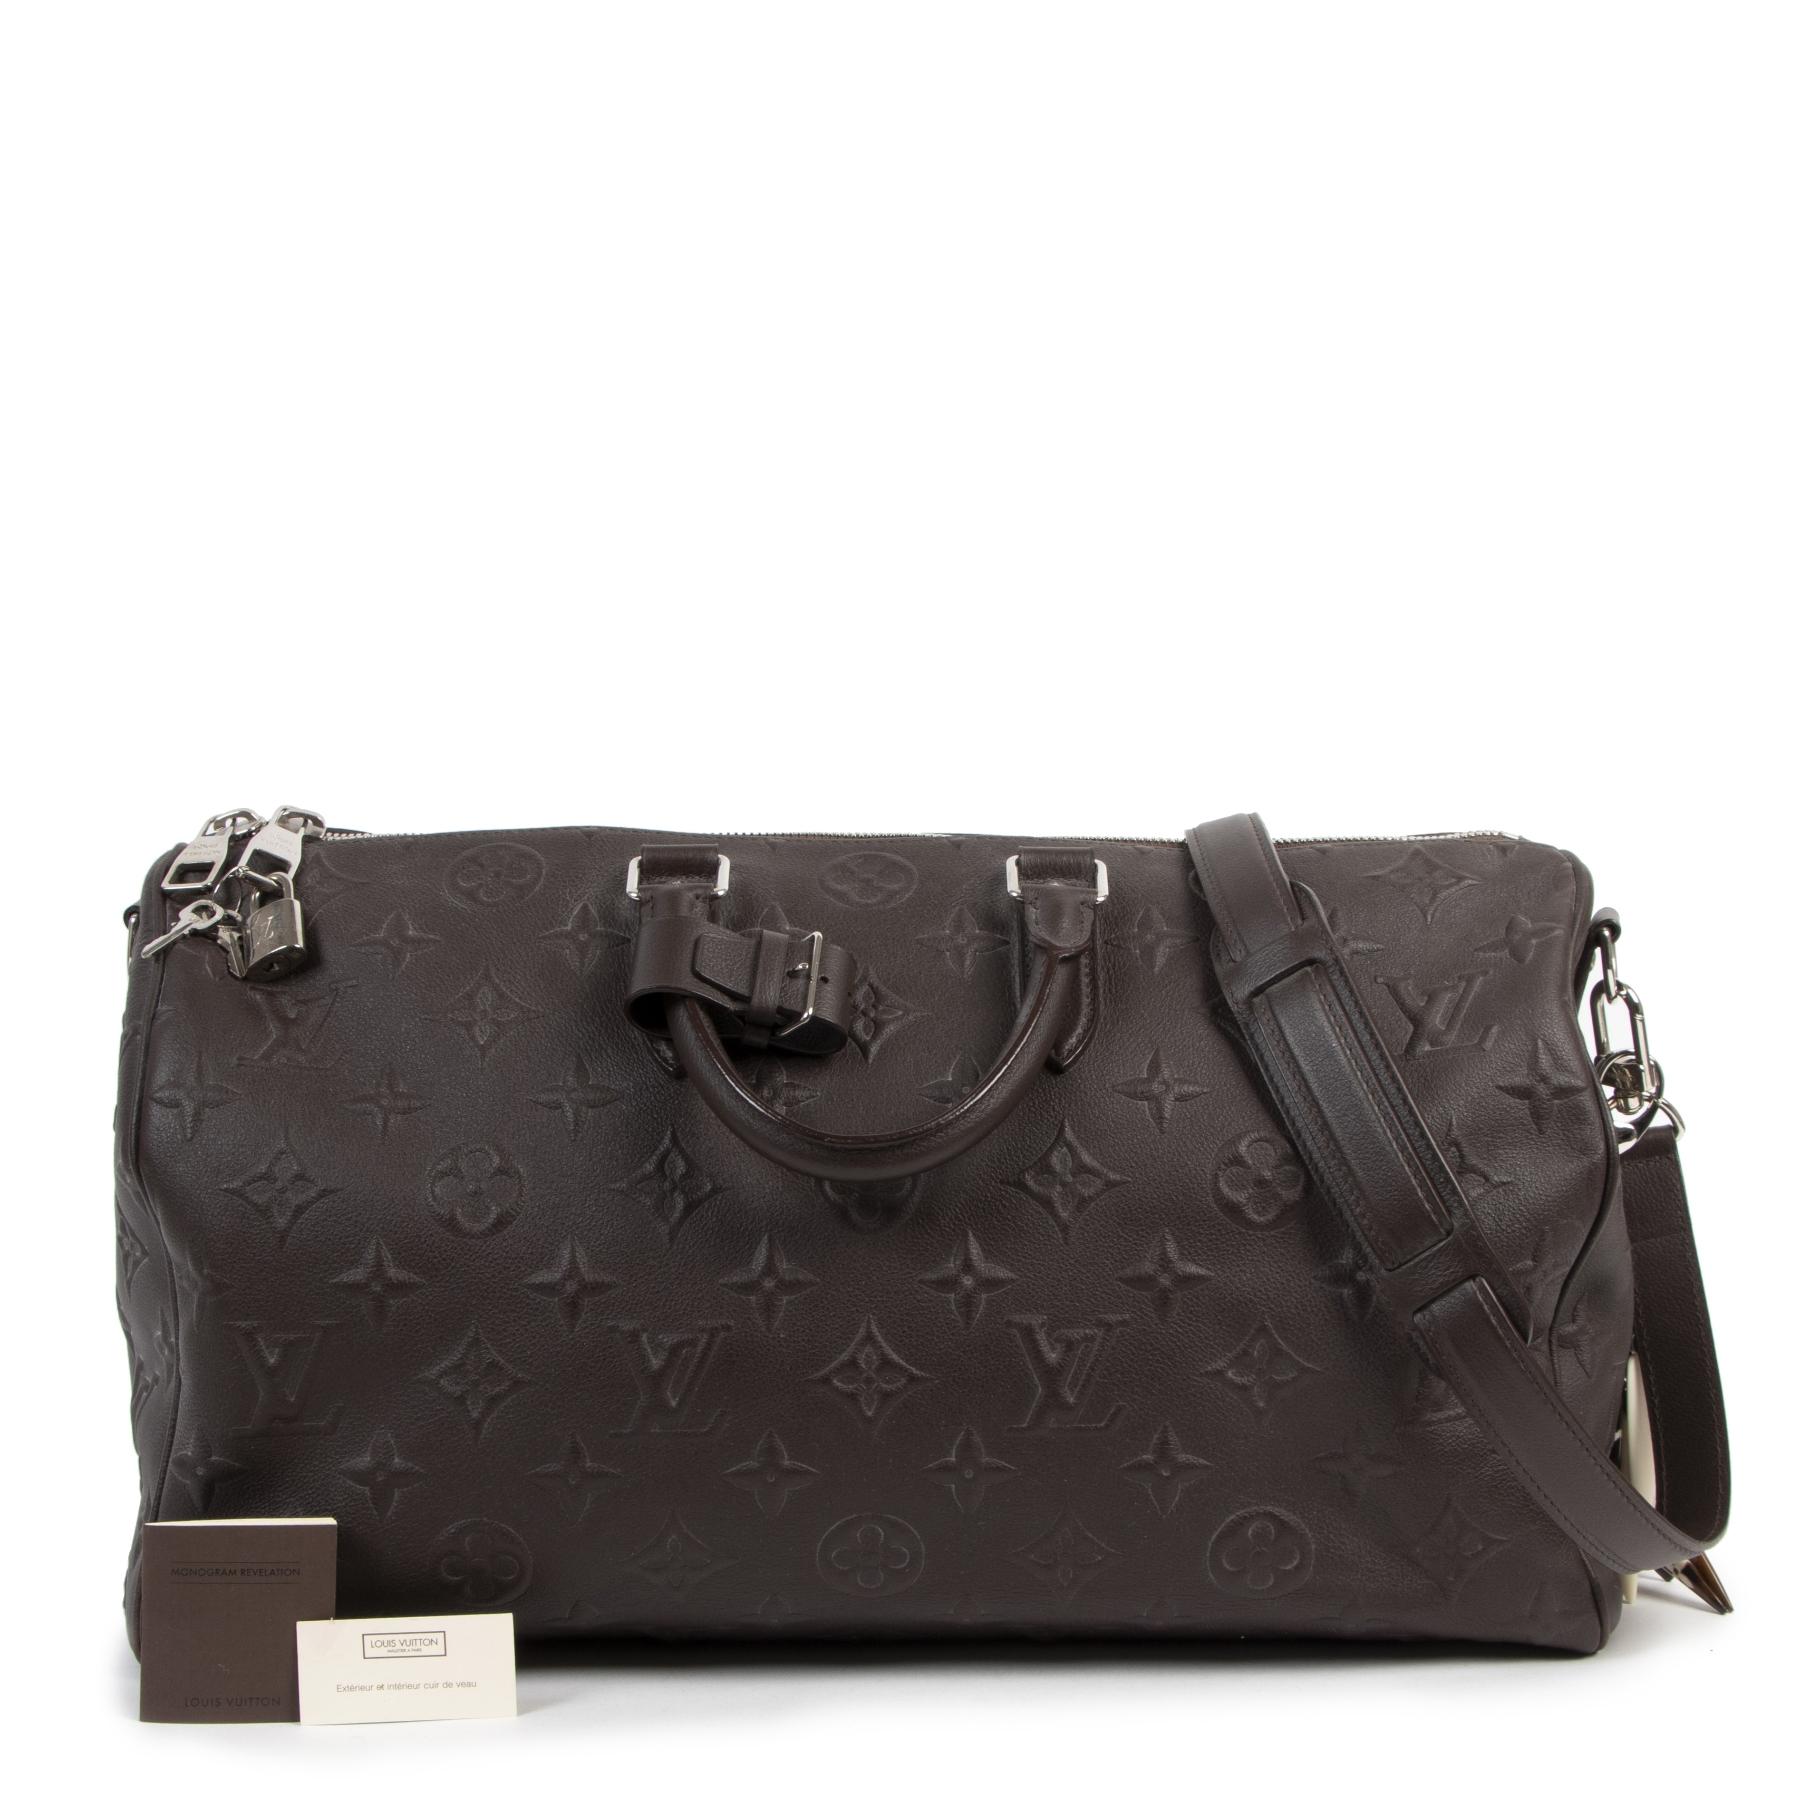 Authentic secondhand Louis Vuitton Monogram Révélation Keepall 45 designer bags fashion luxury vintage webshop safe secure online shopping